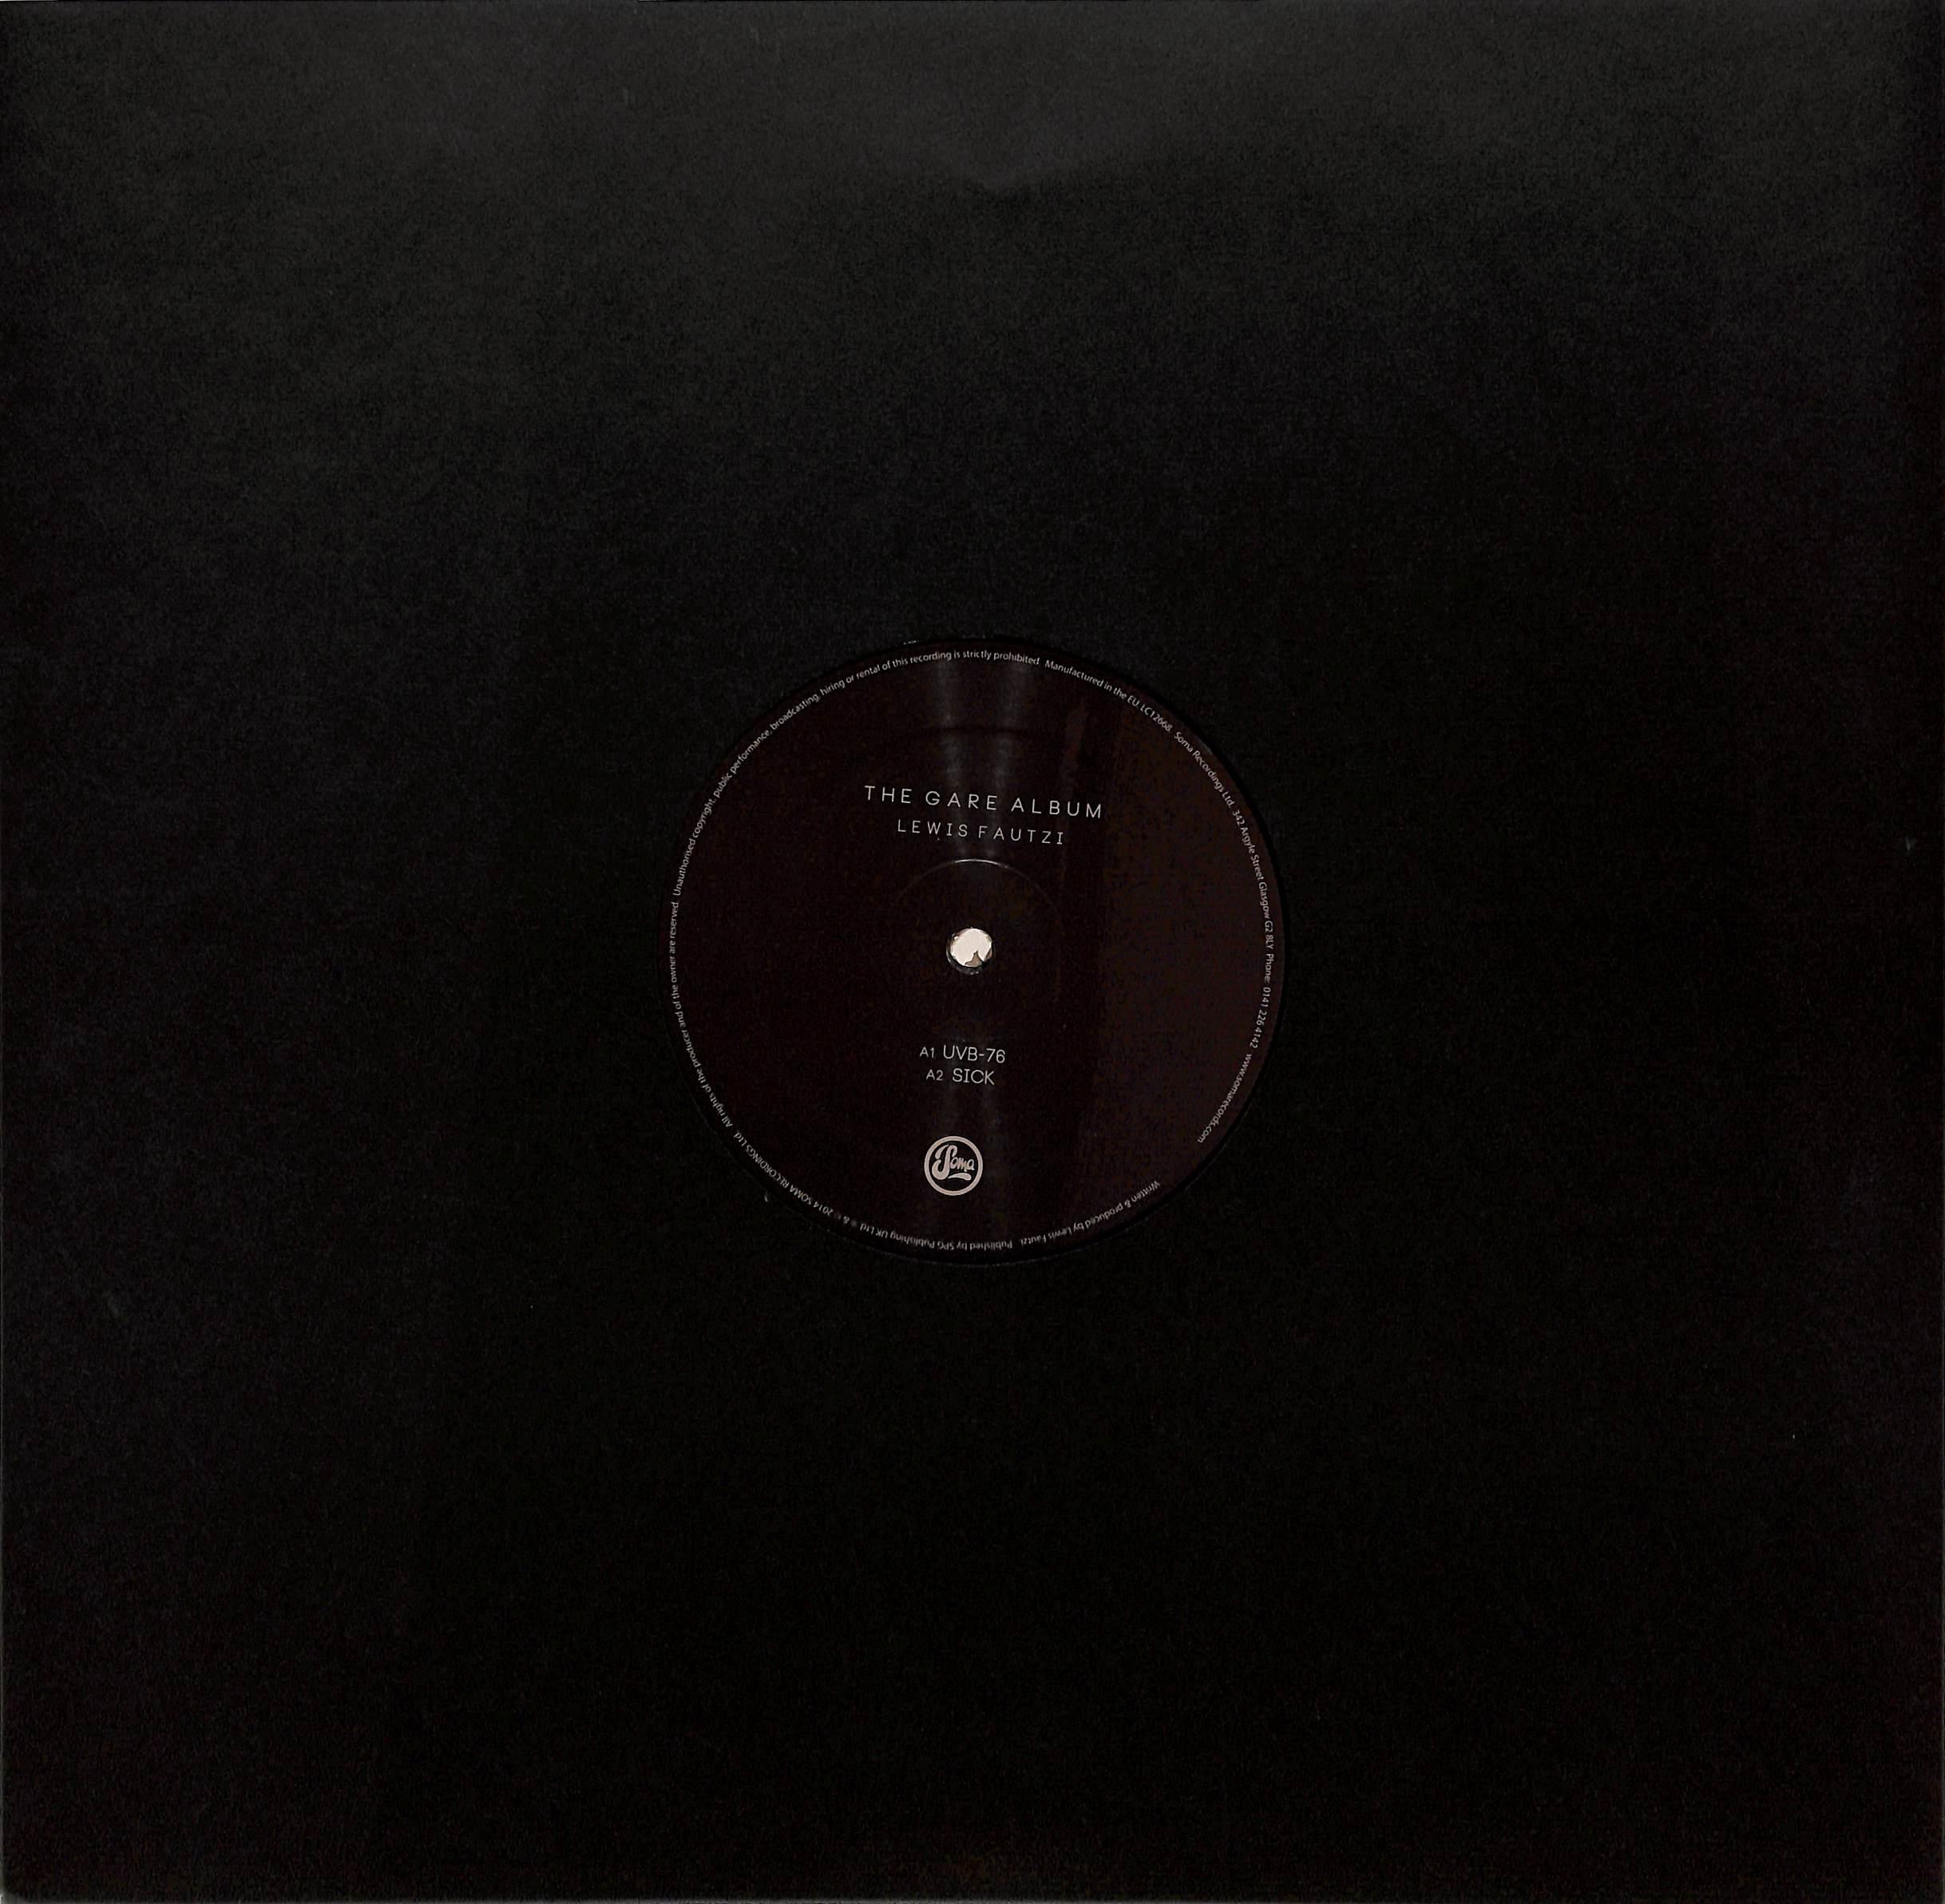 Lewis Fautzi - THE GARE ALBUM